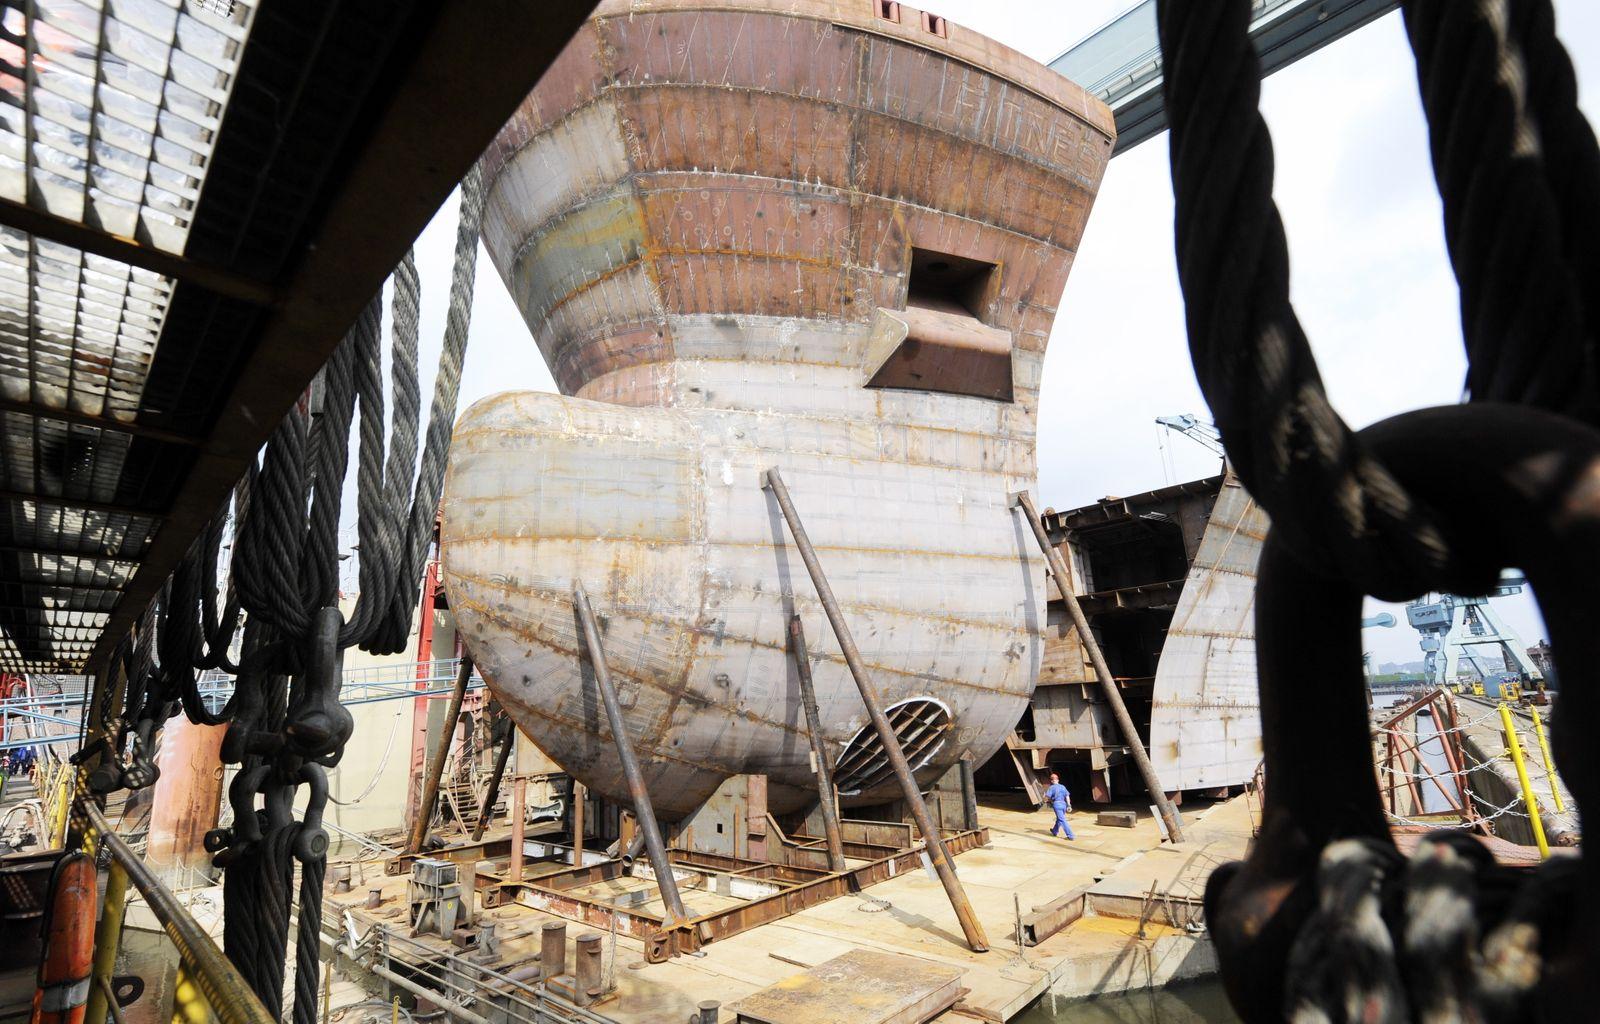 J. J. Sietas KG Schiffswerft - Werften hoffen auf Trendwende; Sietas Werft / Neuenfelde, Hamburg